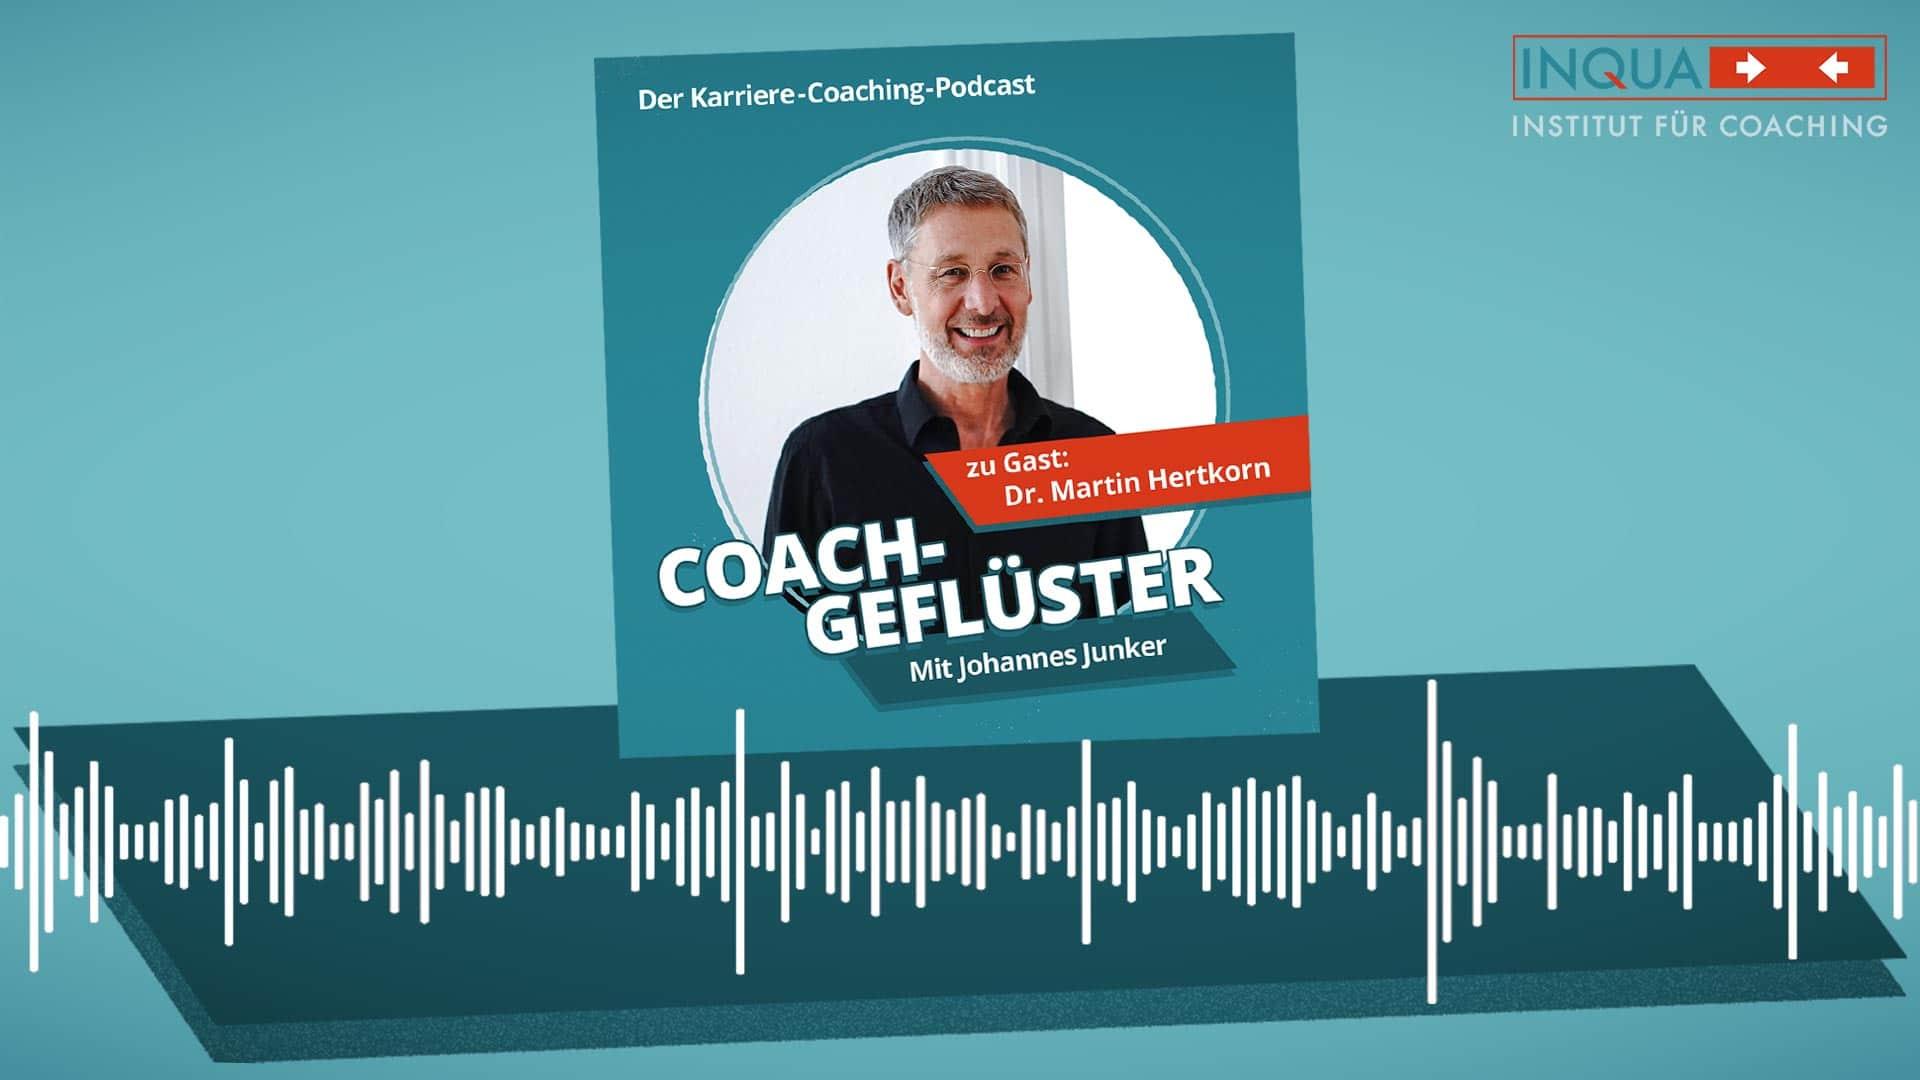 Podcast-Cover COACHGEFLÜSTER – Folge 1 mit Dr. Martin Hertkorn